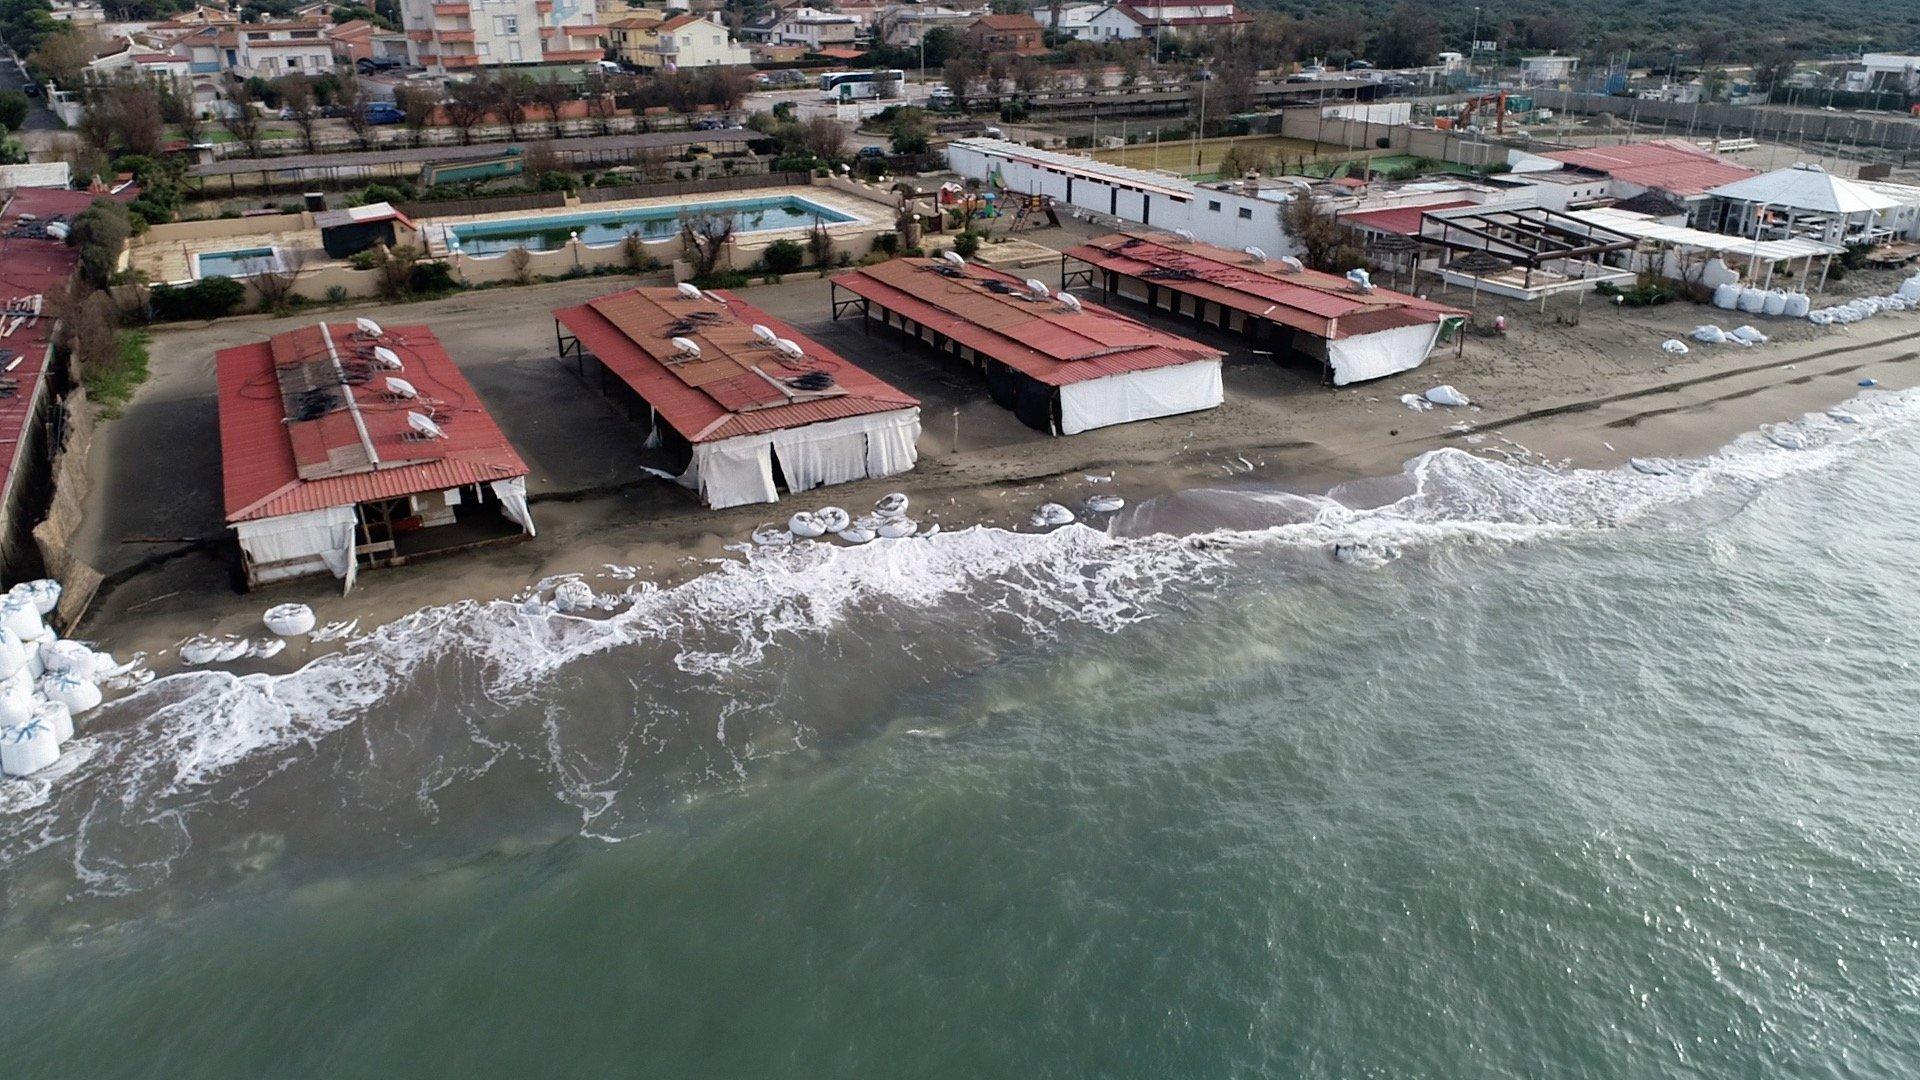 fotografie aeree spiaggia mare italia